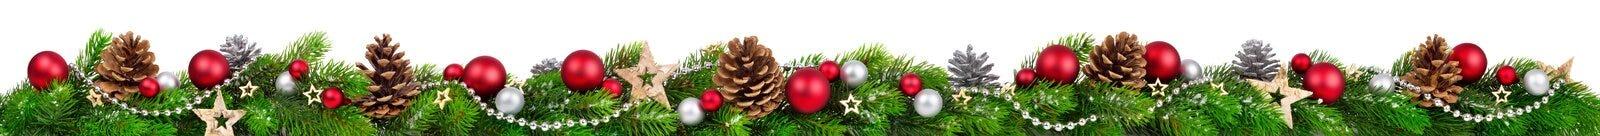 Σύνορα Χριστουγέννων, επιπλέον ευρέως